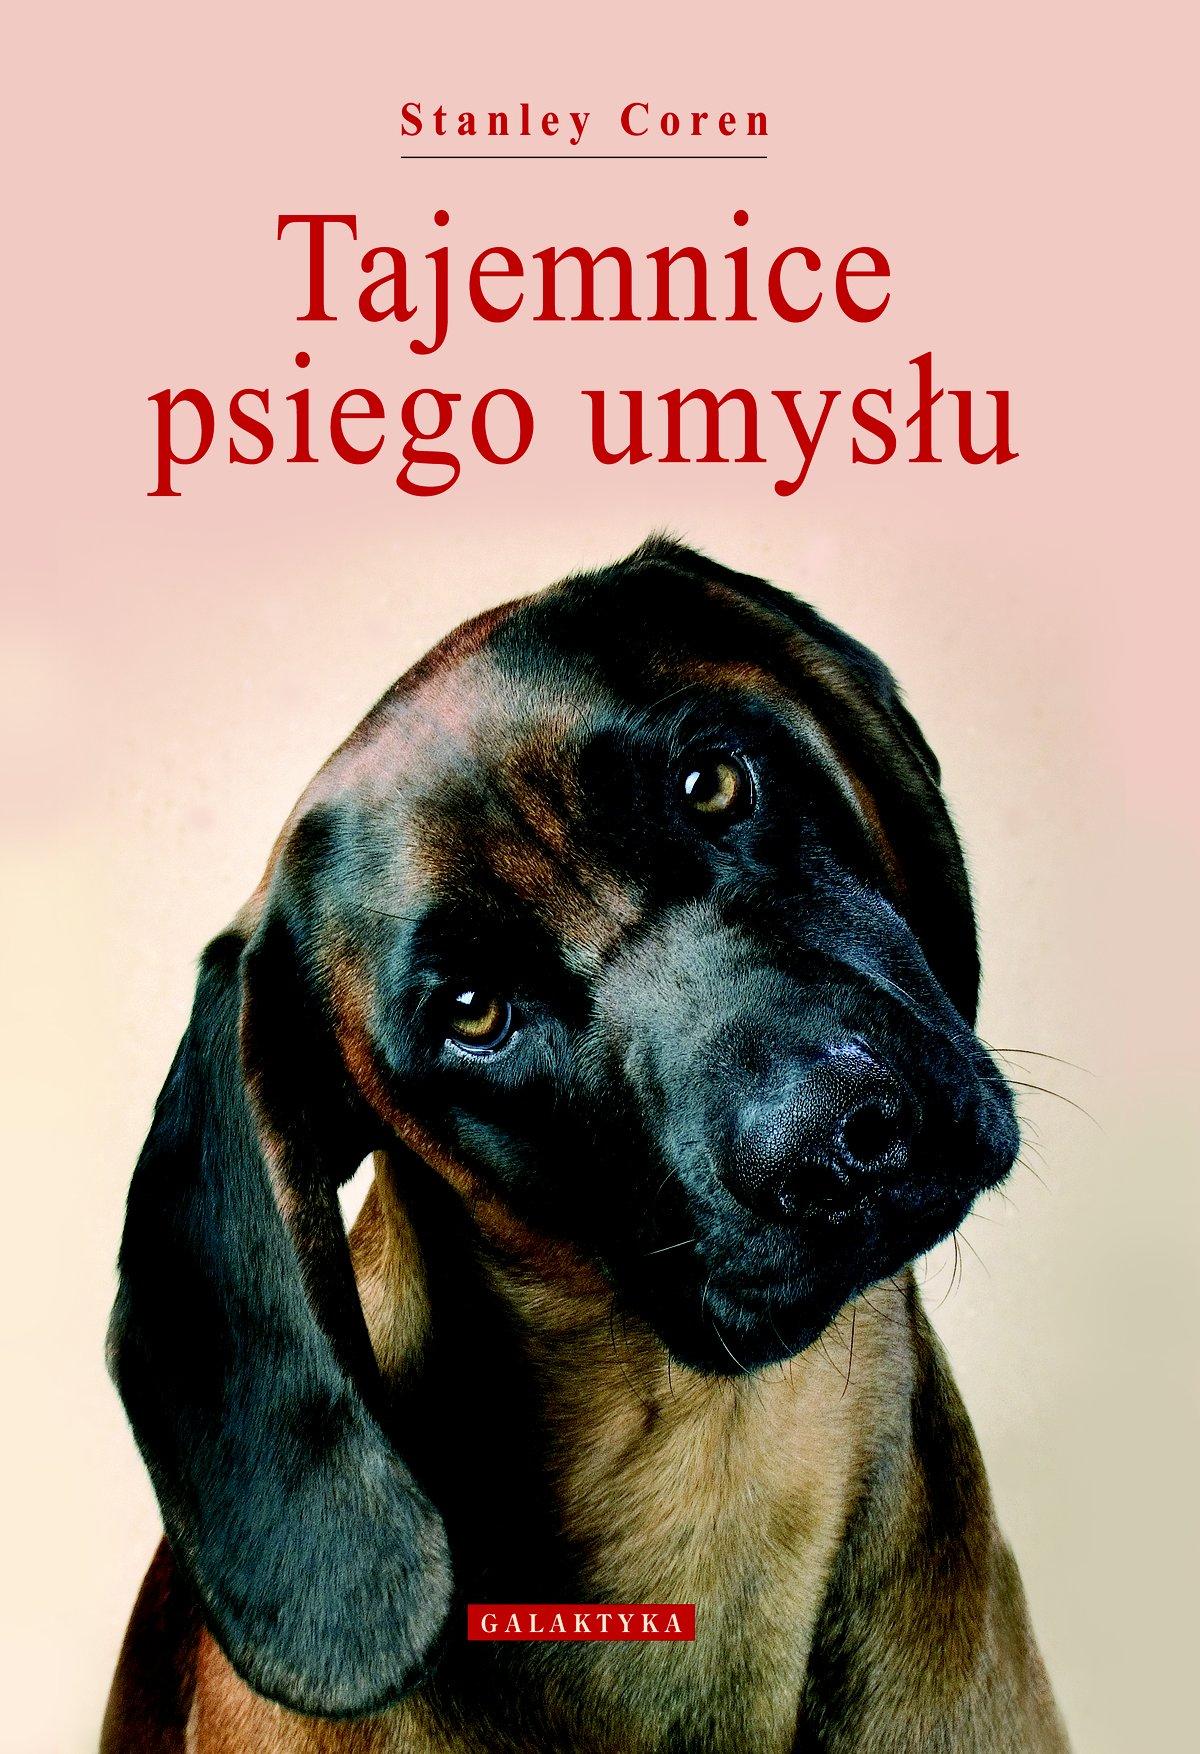 Tajemnice psiego umysłu - Ebook (Książka na Kindle) do pobrania w formacie MOBI